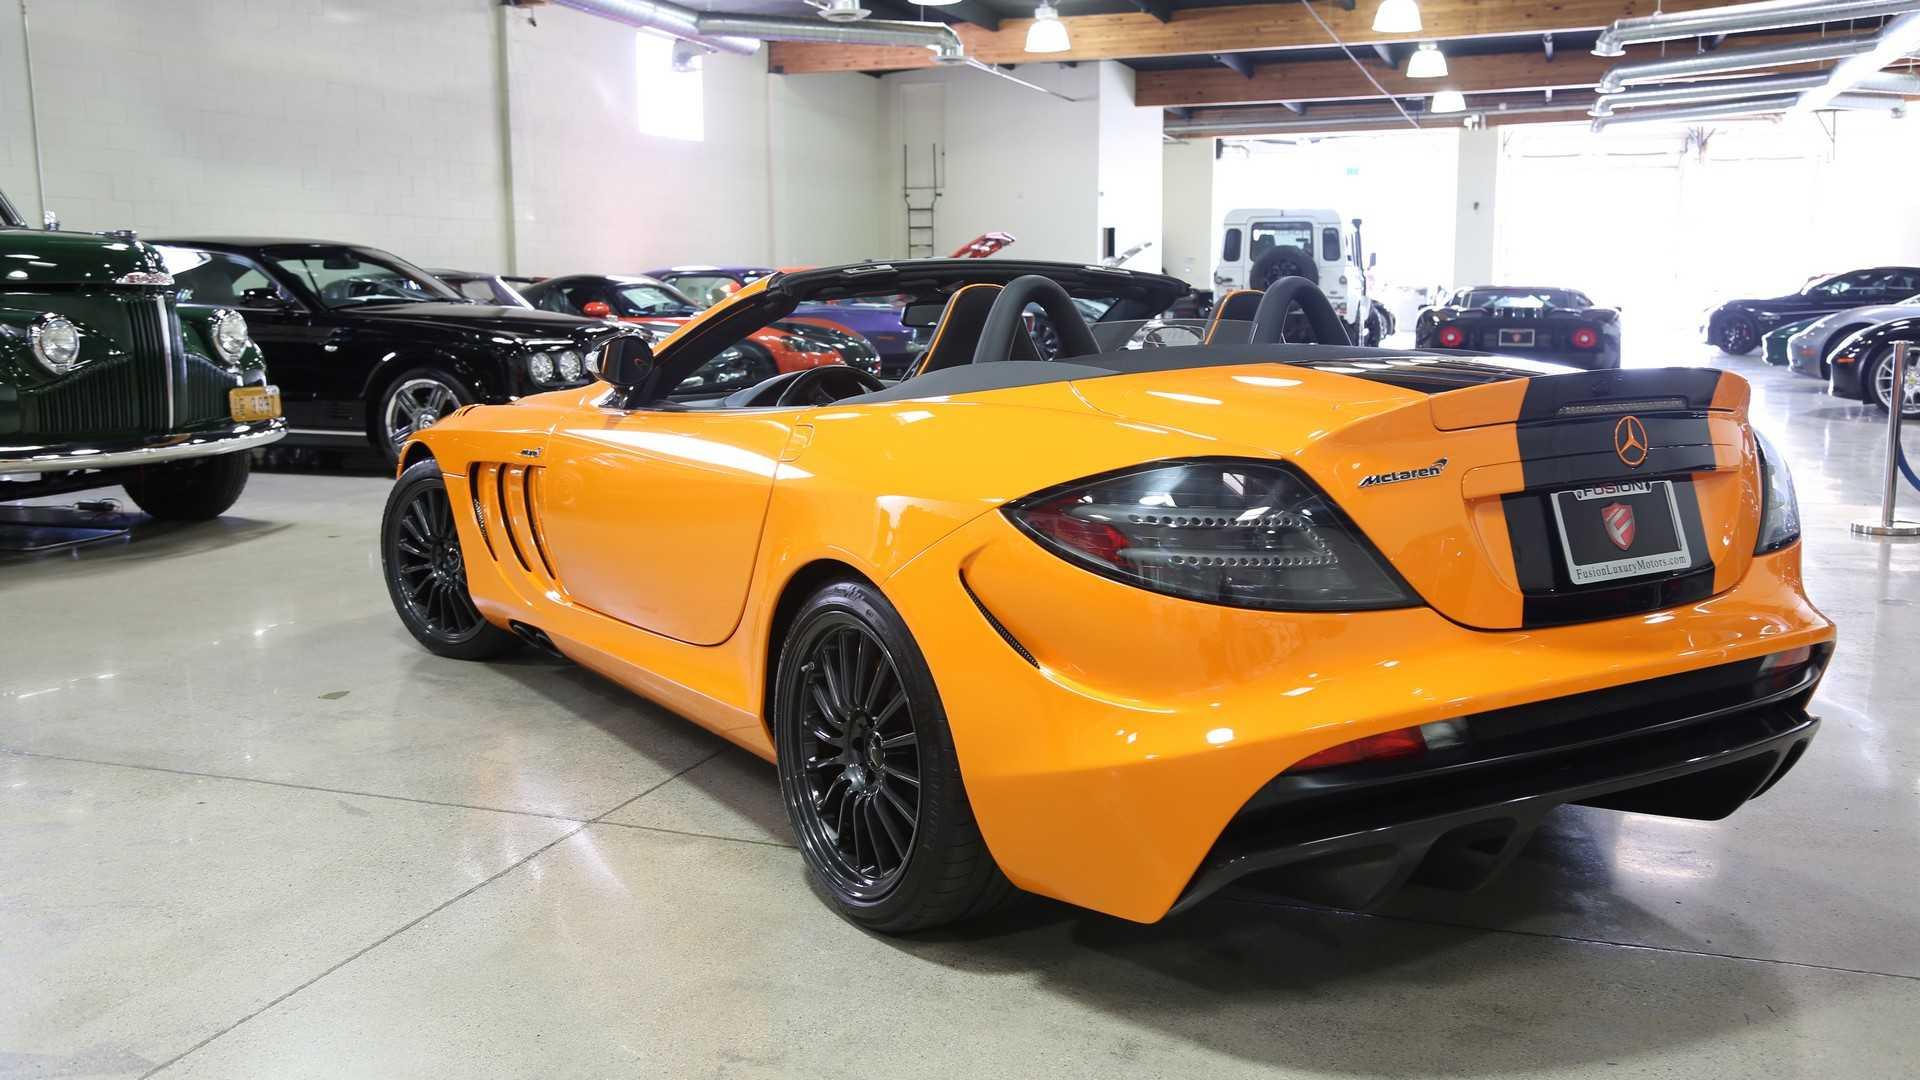 Mercedes-McLaren_SLR_722S_Roadster_McLaren_Edition_0011